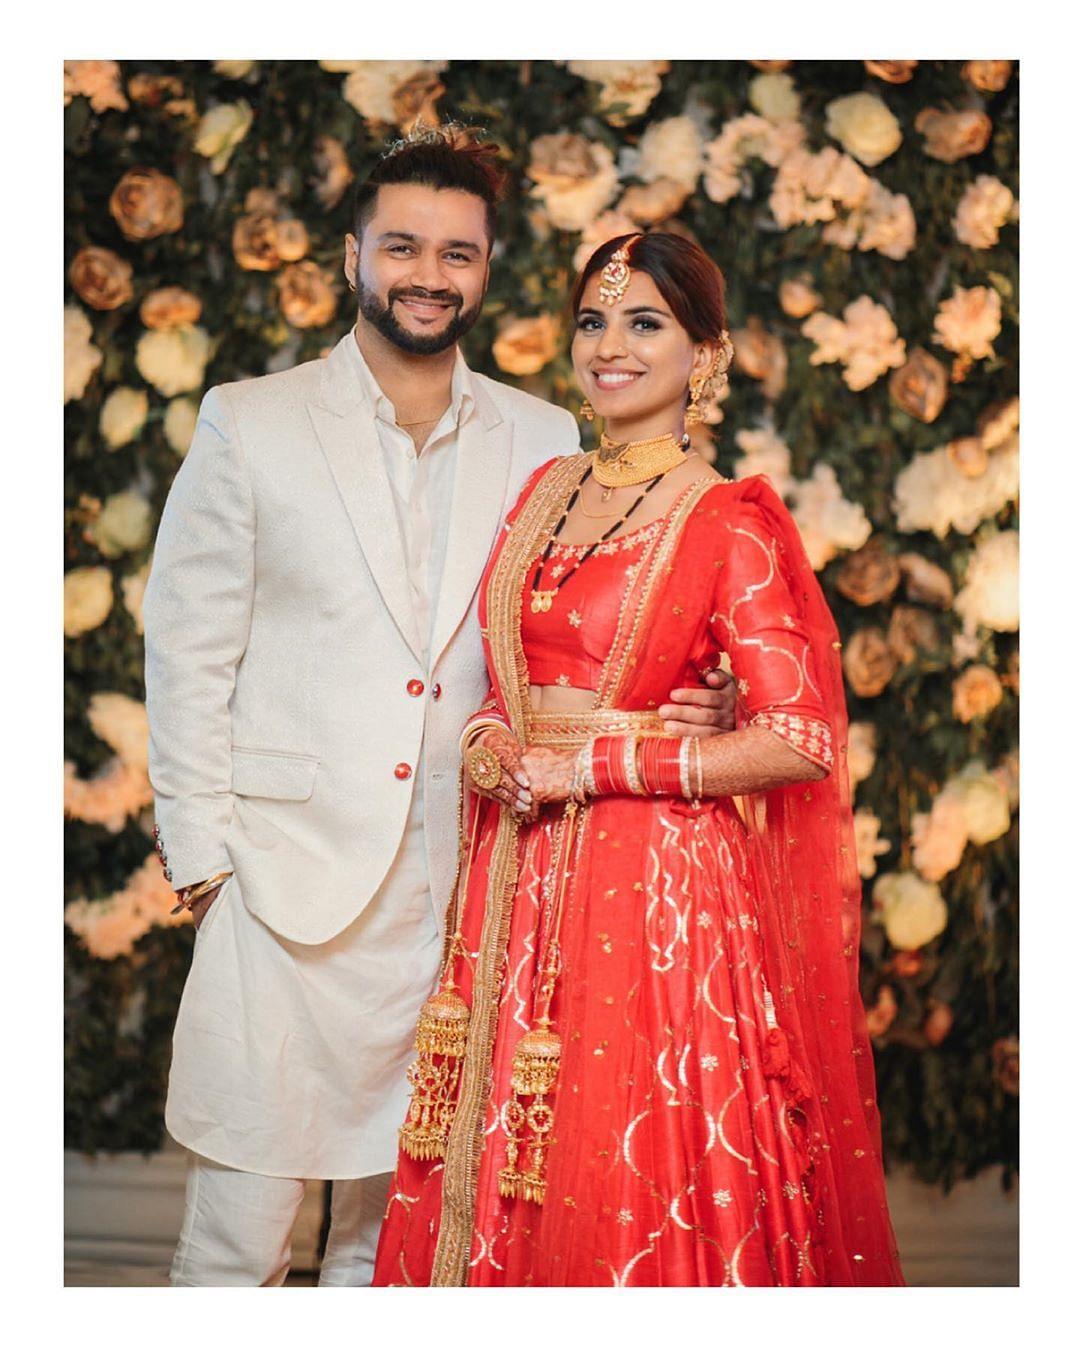 Balraj Syal and Deepti Tuli Wedding